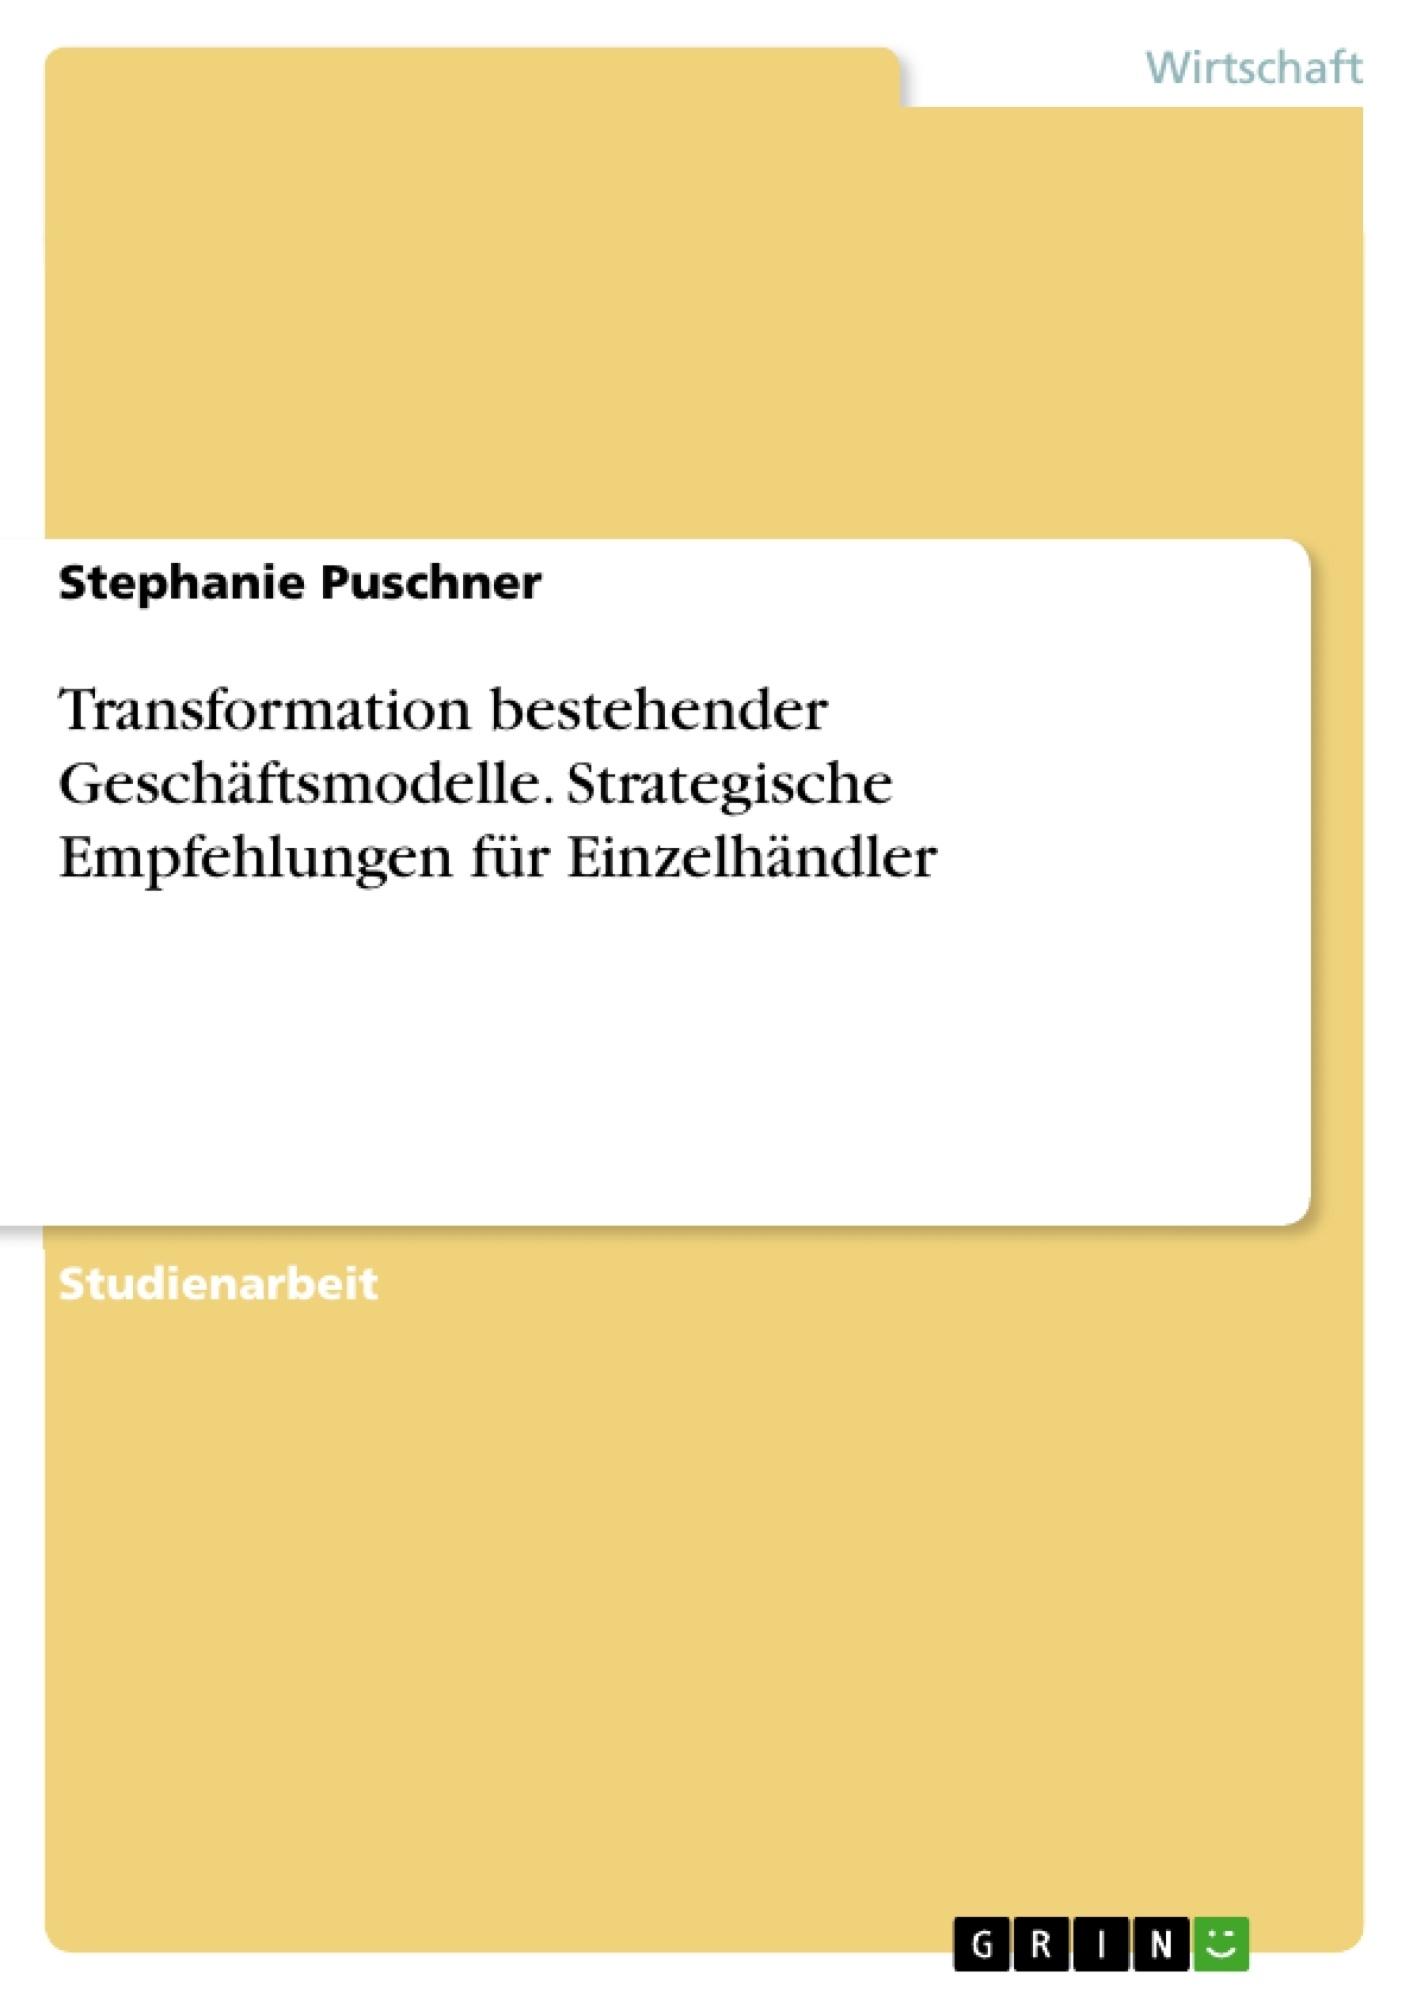 Titel: Transformation bestehender Geschäftsmodelle. Strategische Empfehlungen für Einzelhändler